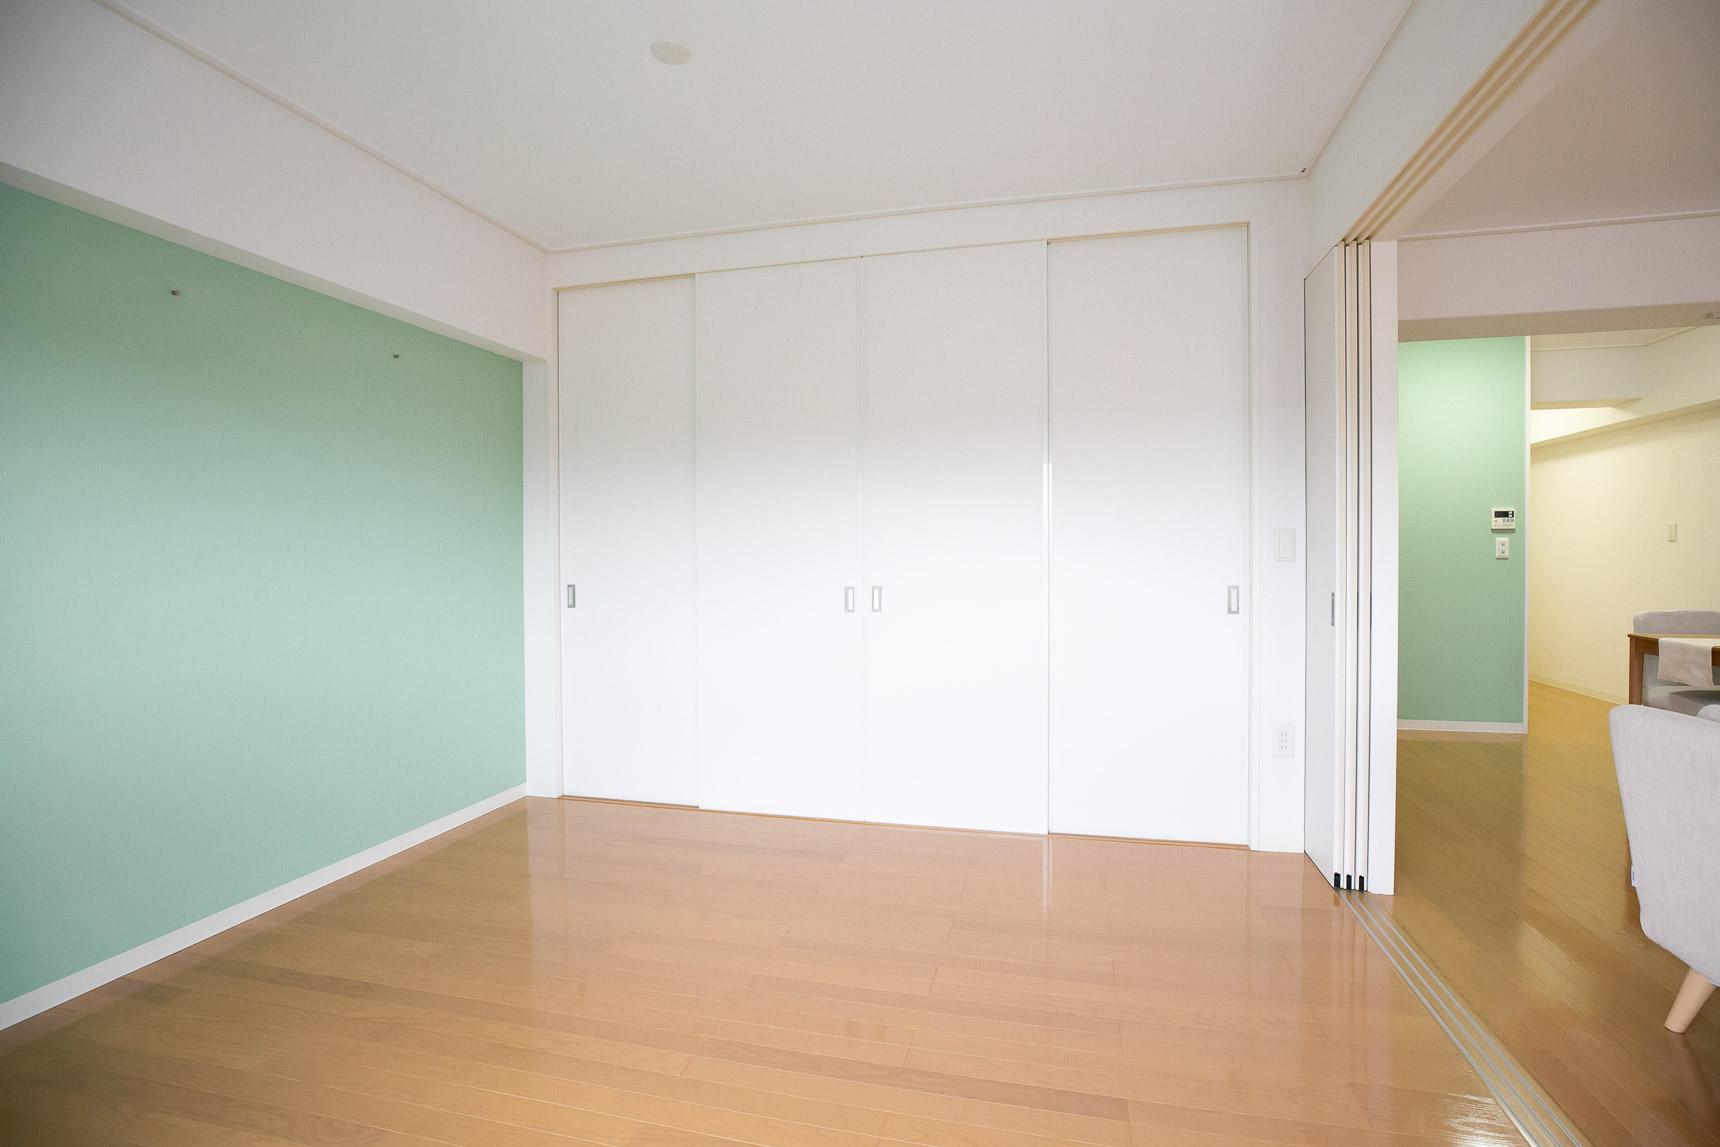 洋室側の壁一面には、横に長いクローゼットタイプの収納を用意。こちらも引き戸タイプなので空間が広く使えることもポイント。